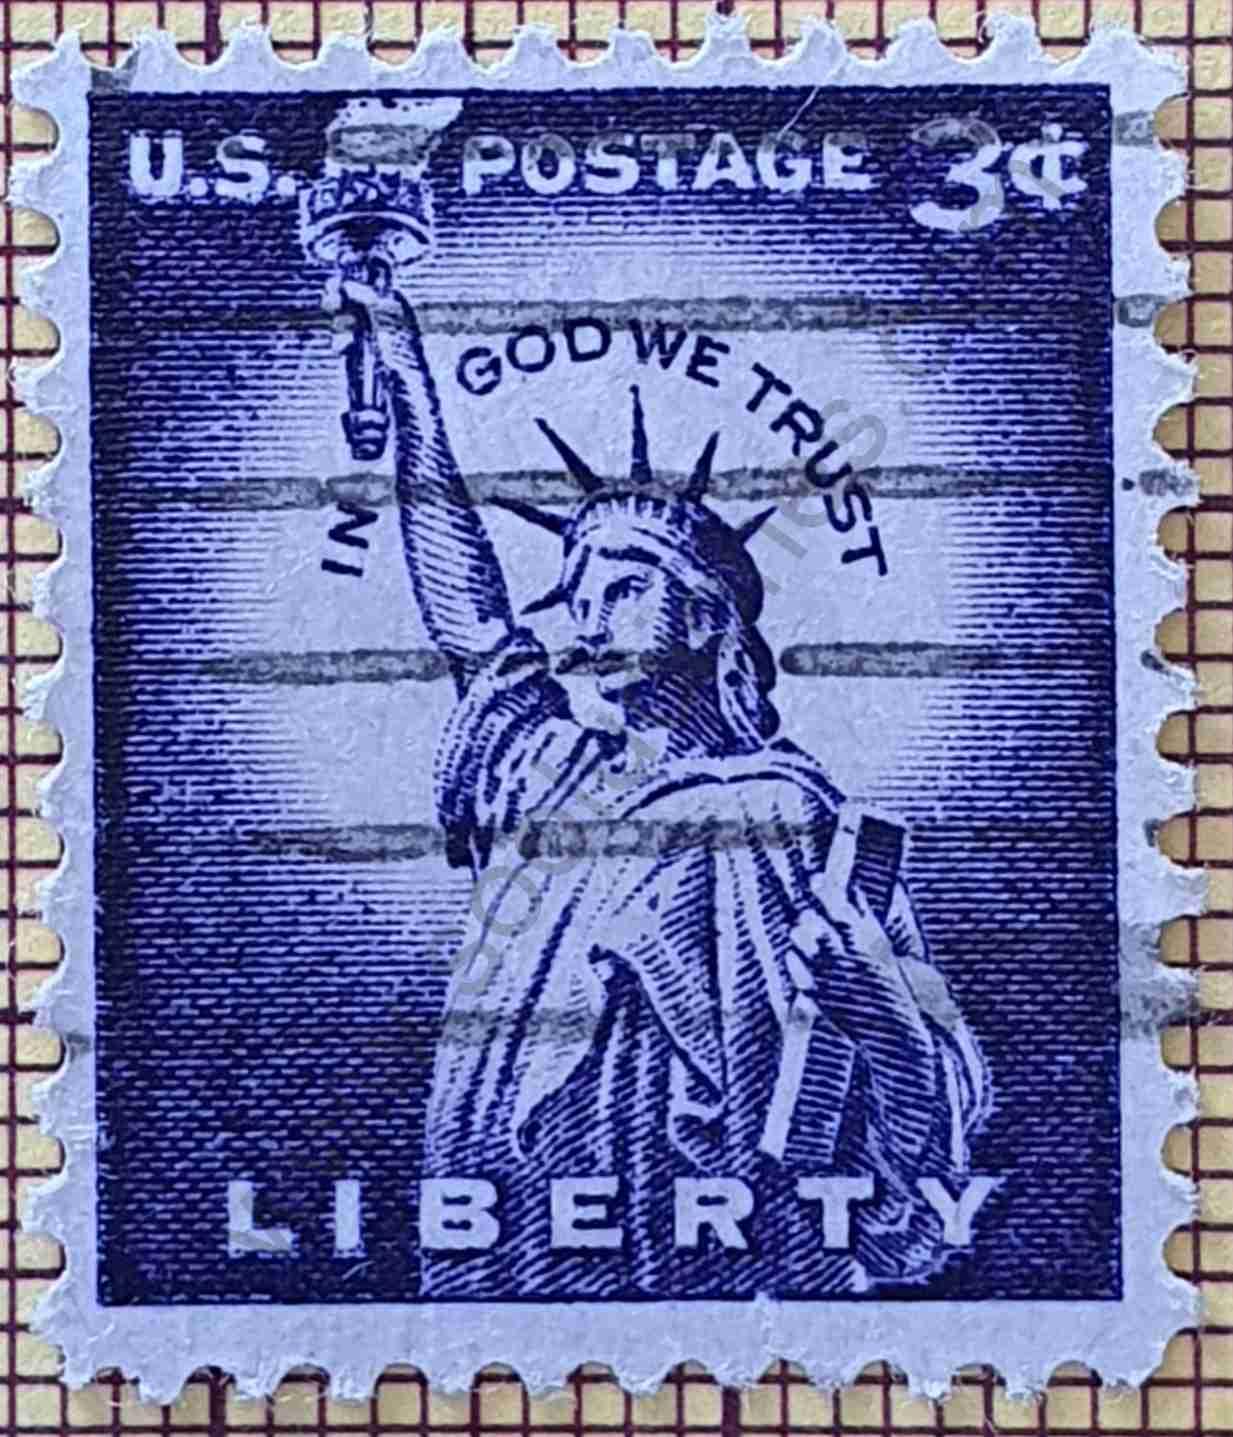 Estatua Libertad 3c - Sello Estados Unidos 1966